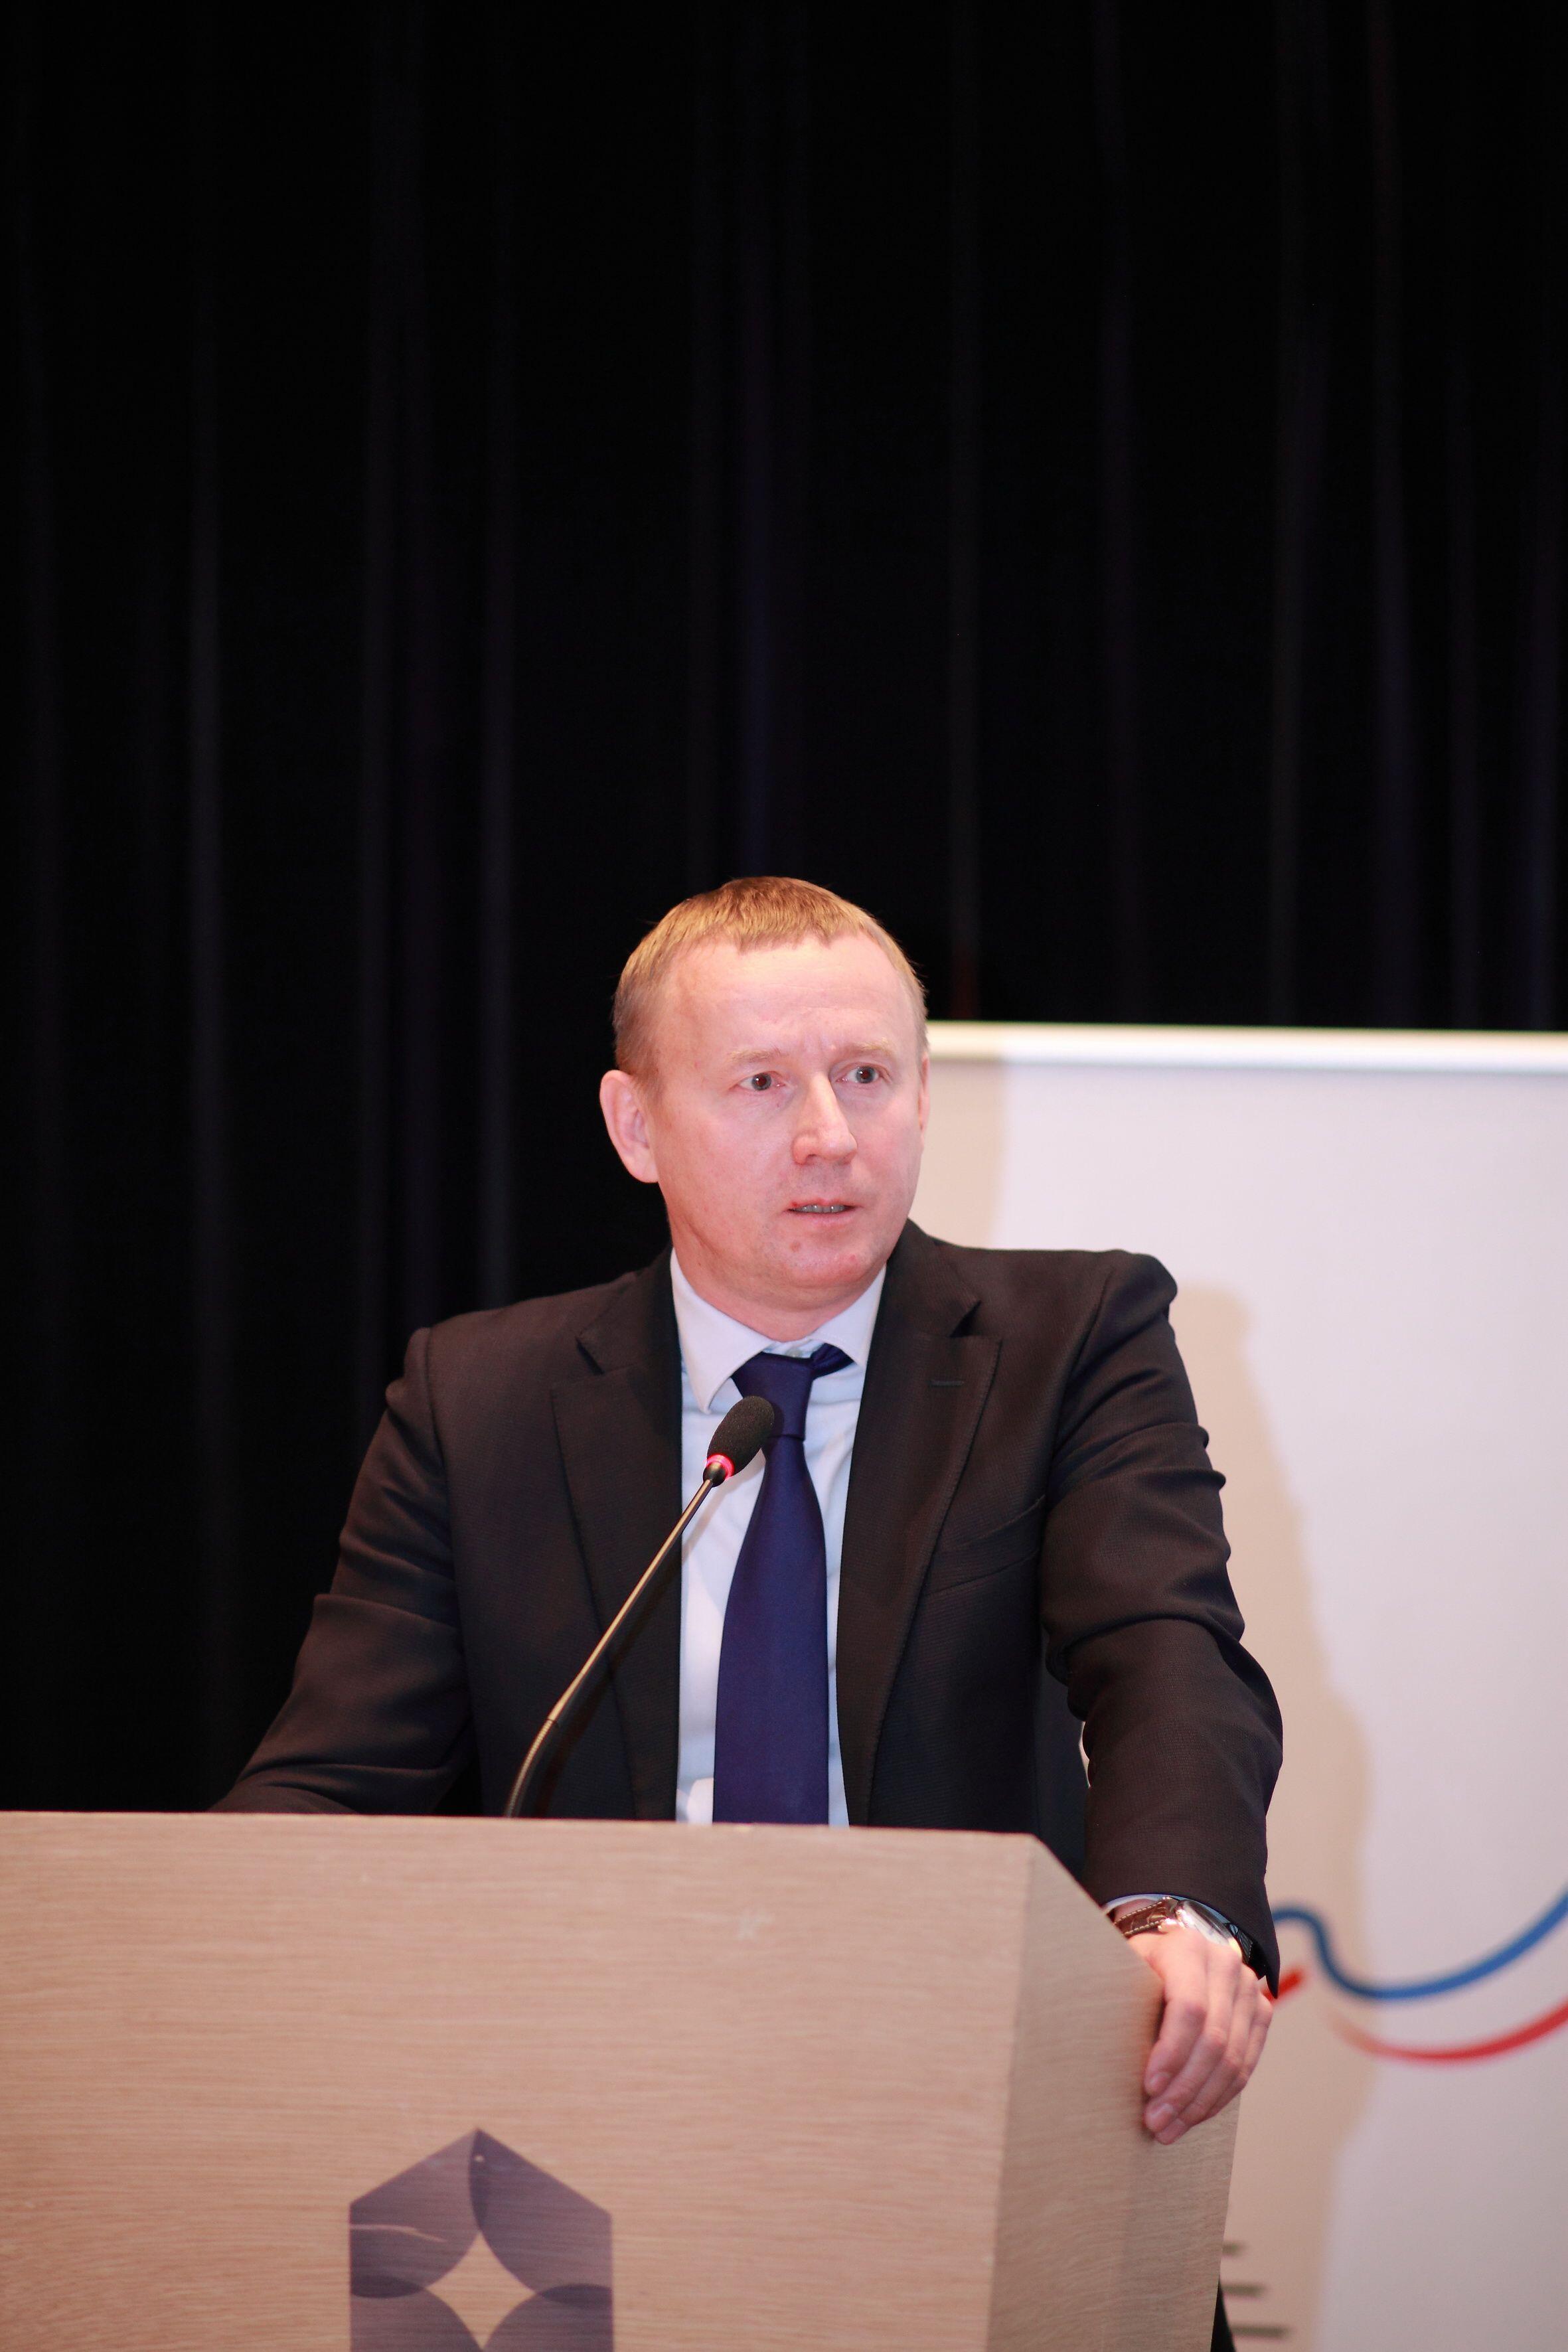 Serguey Touchin, chargé des grands évènements à la mairie d'Ekaterinbourg, seule ville participante au Mondial 2018 située en Asie.